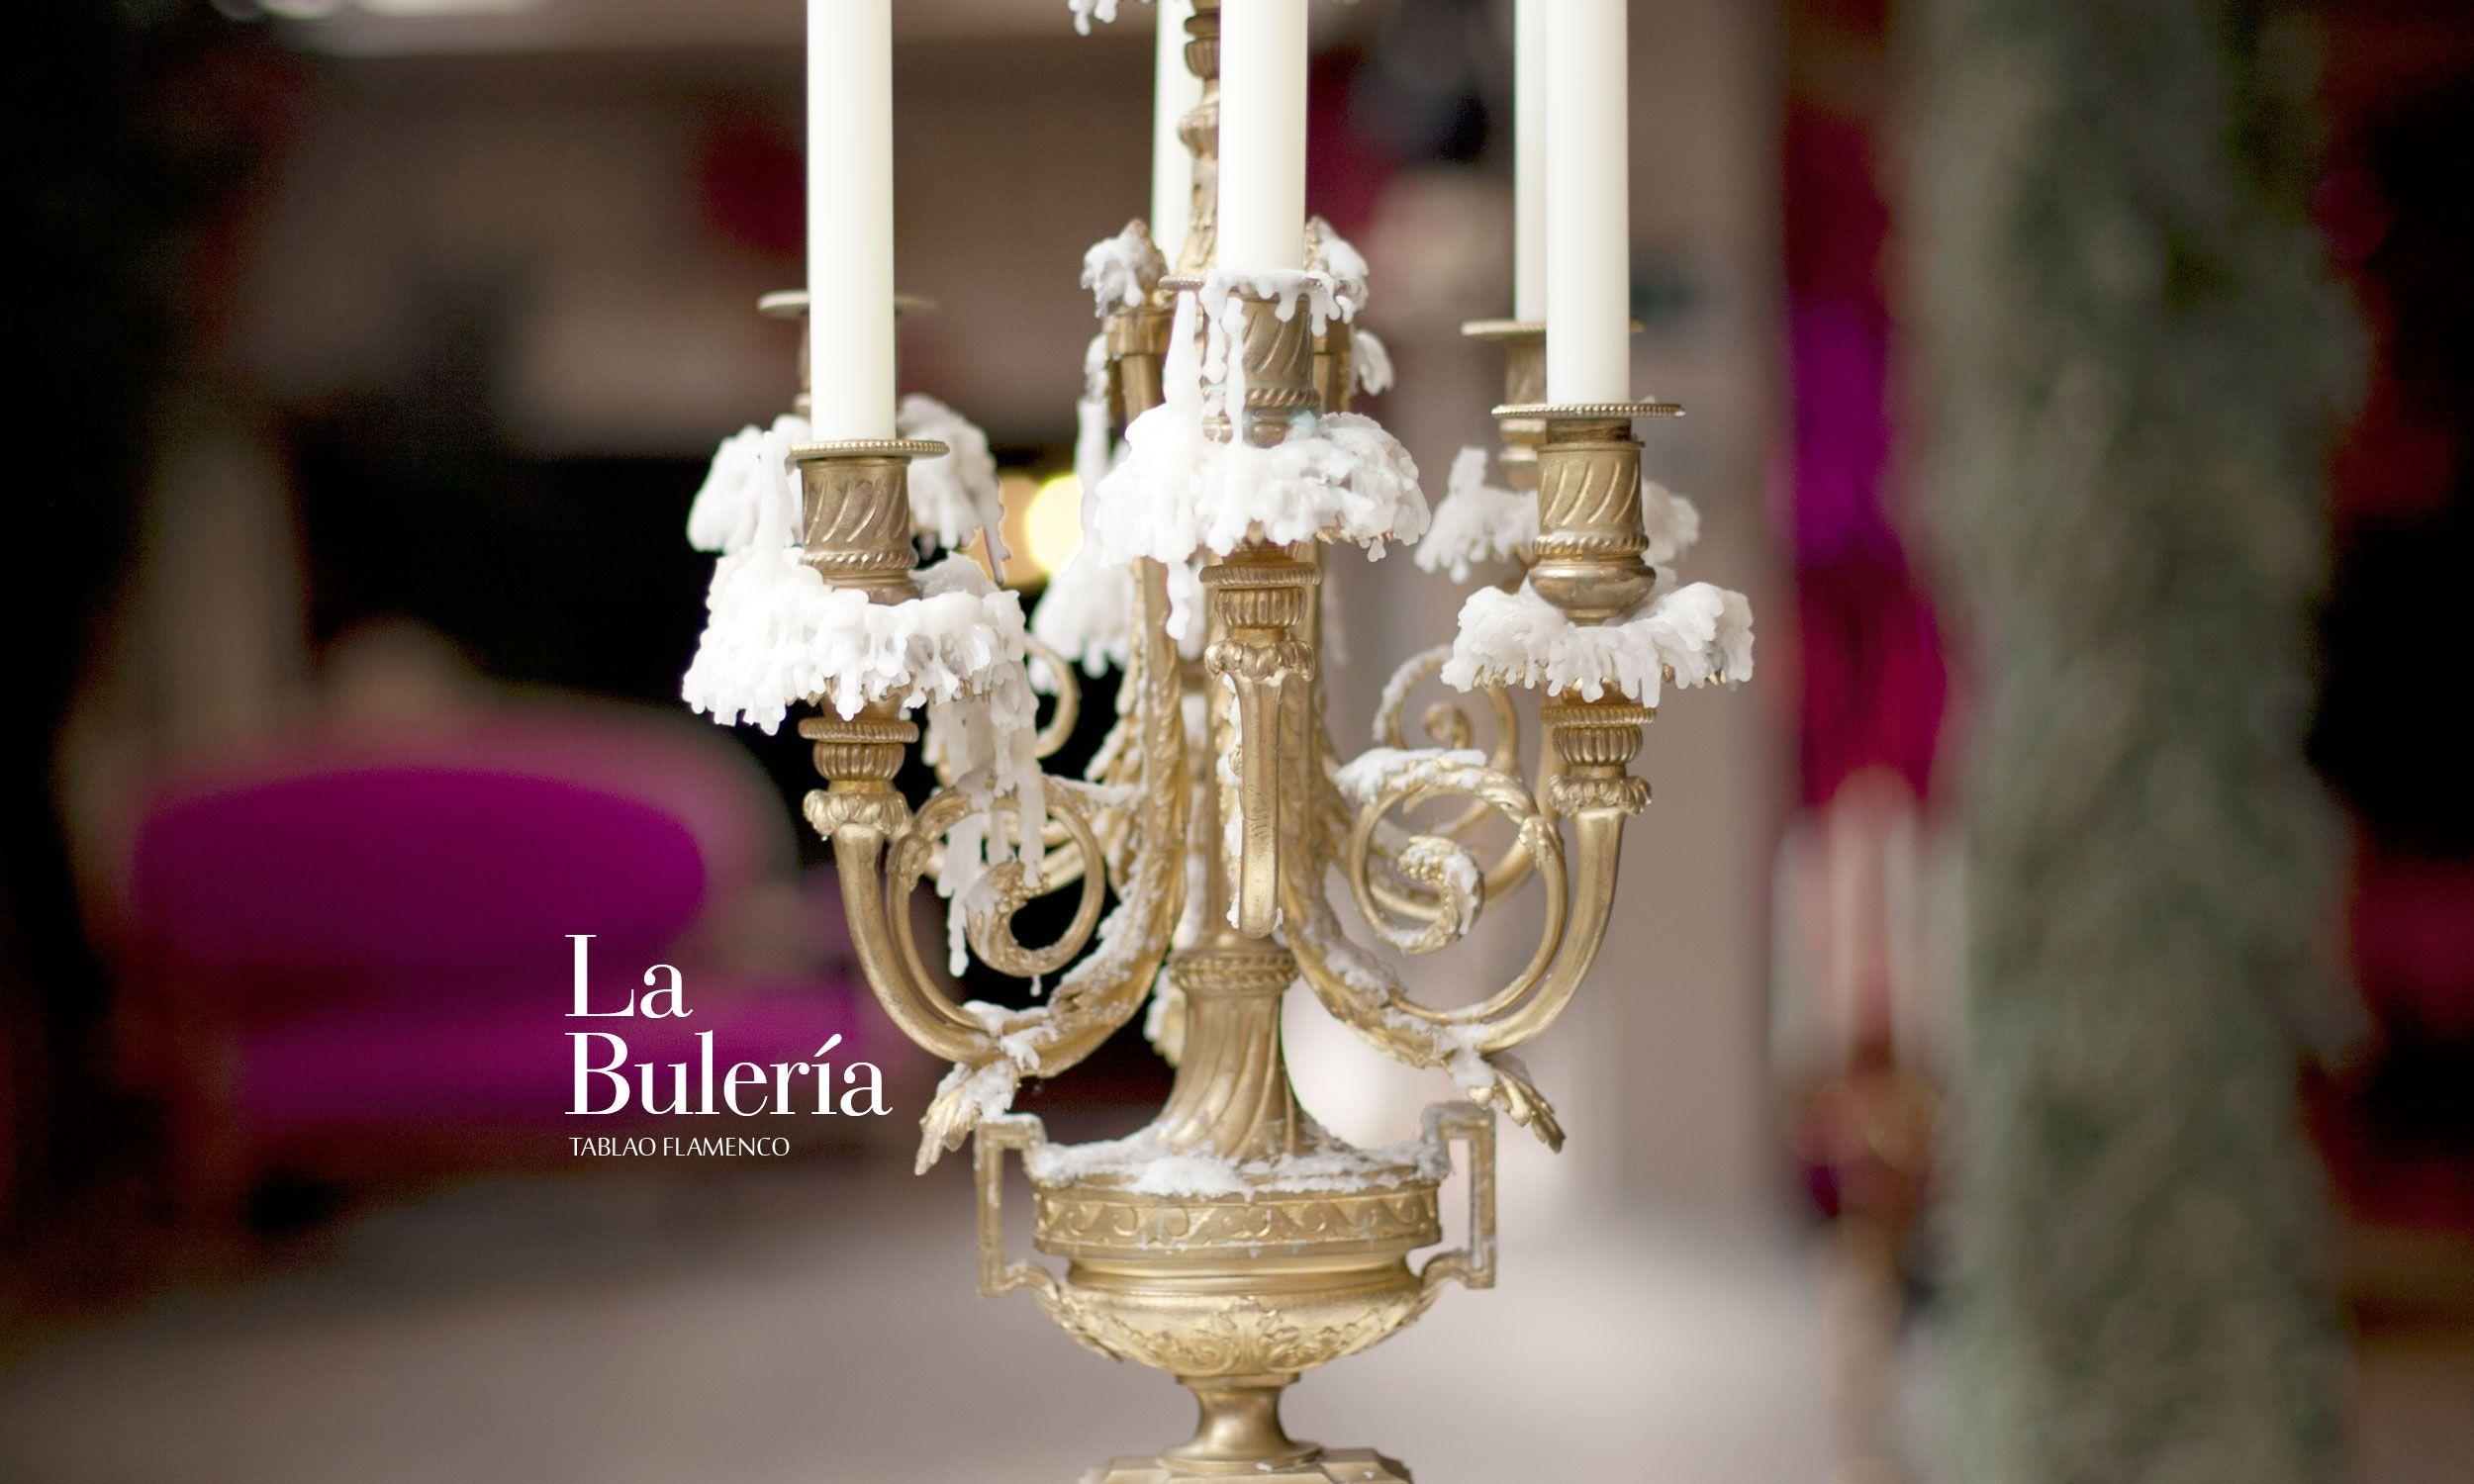 La Bulería photography works